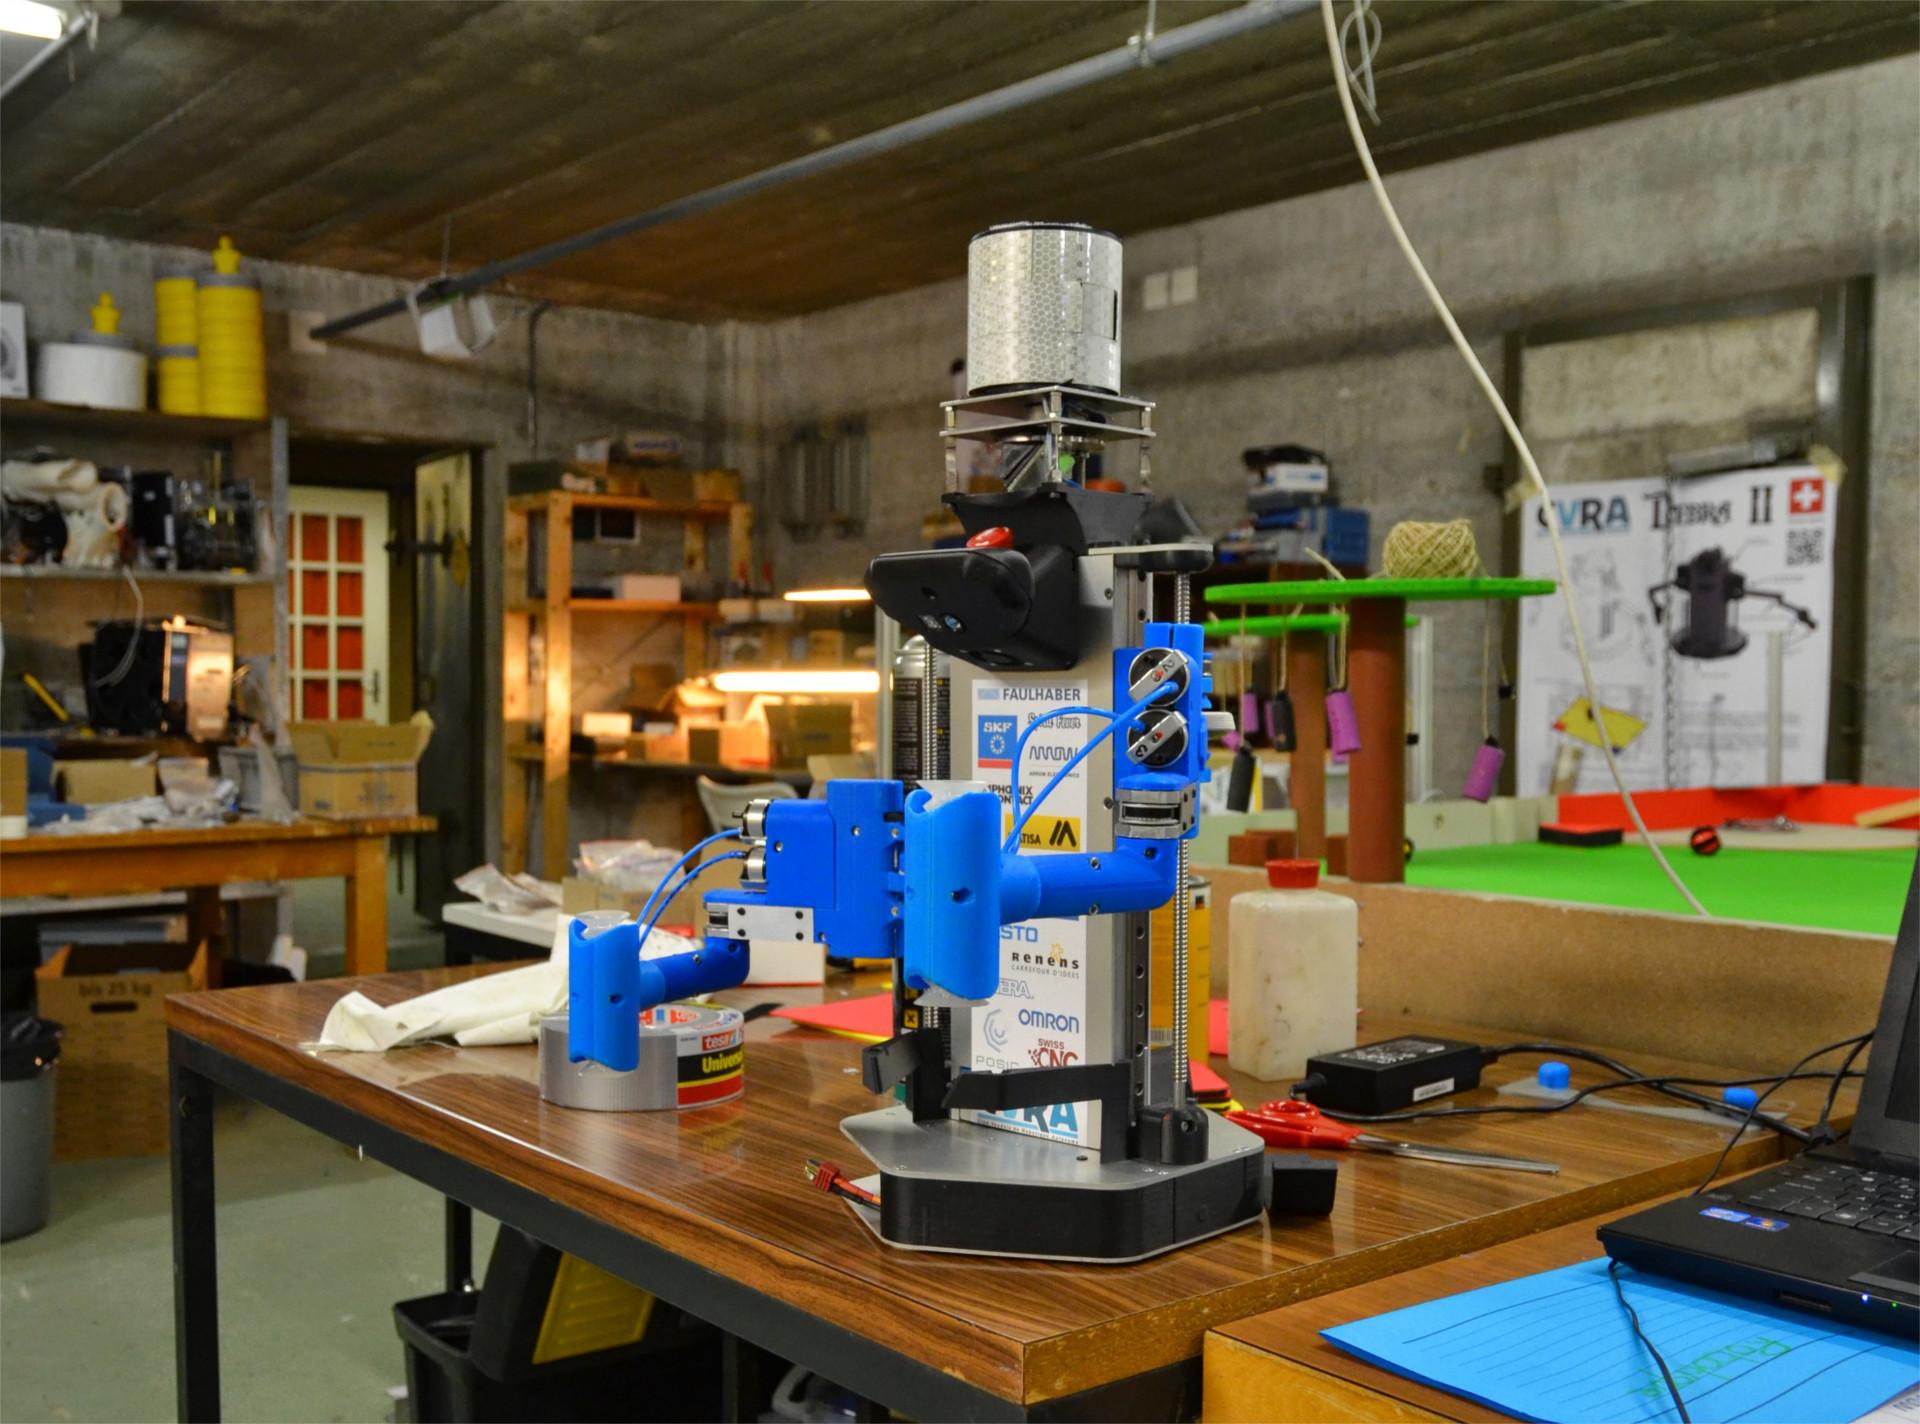 schweizer studenten bauen druckluft-tank mit 3d drucker - 3druck